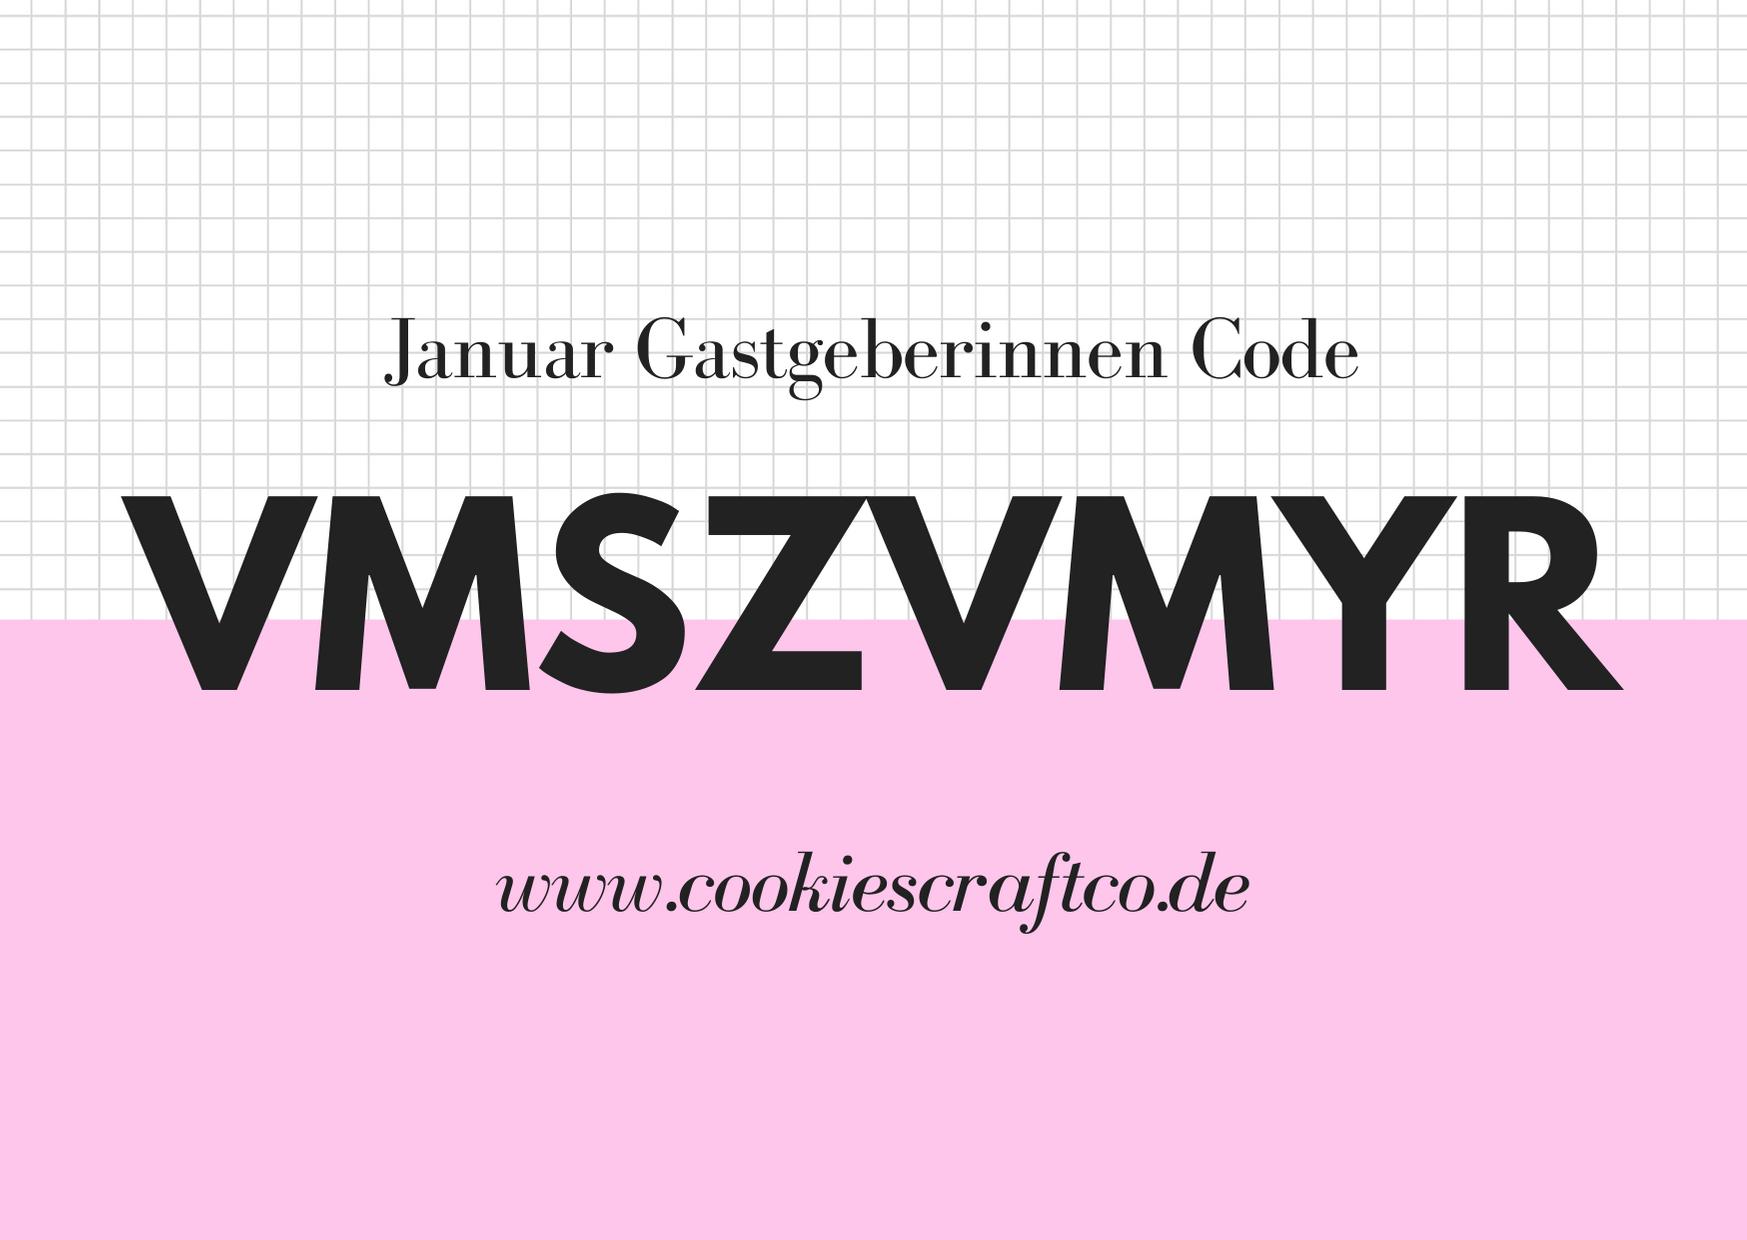 Januar - Gastgeberinnencode VMSZVMYR